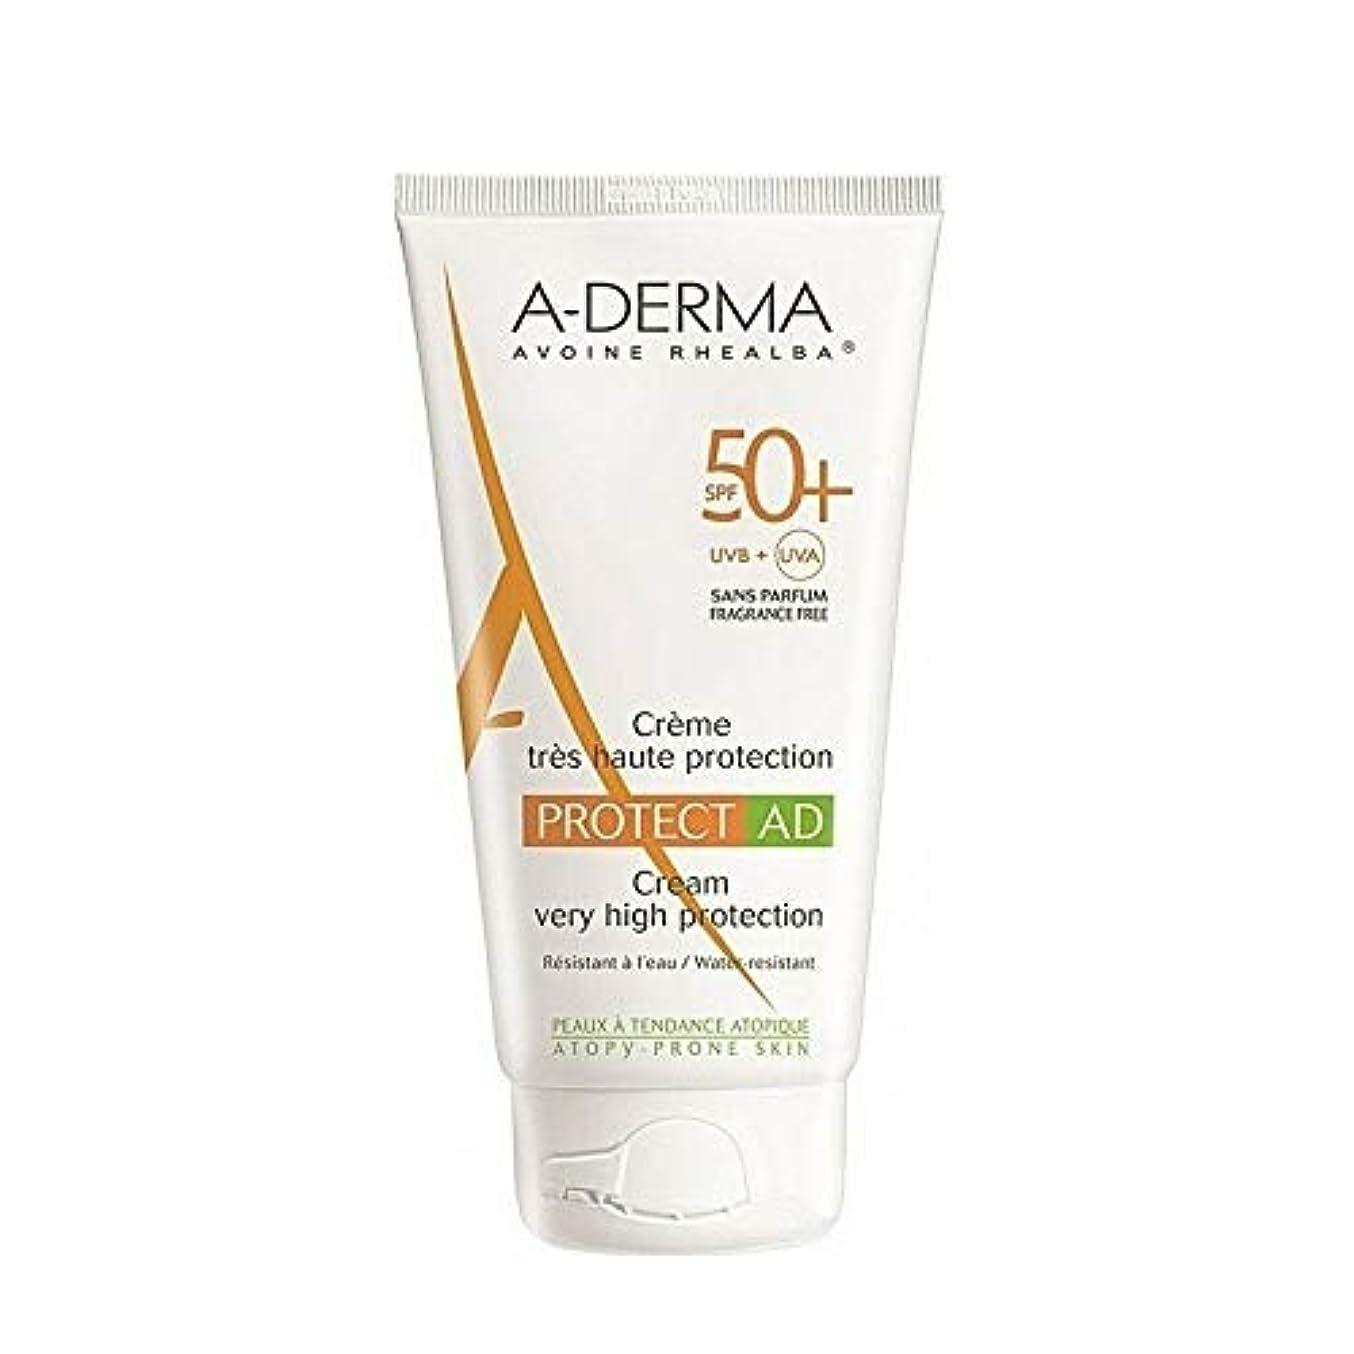 巻き取り郵便番号形容詞A-DERMA Protect AD sun cream サンクリーム (150ml) SPF50+/PA+++ フランス日焼け止め